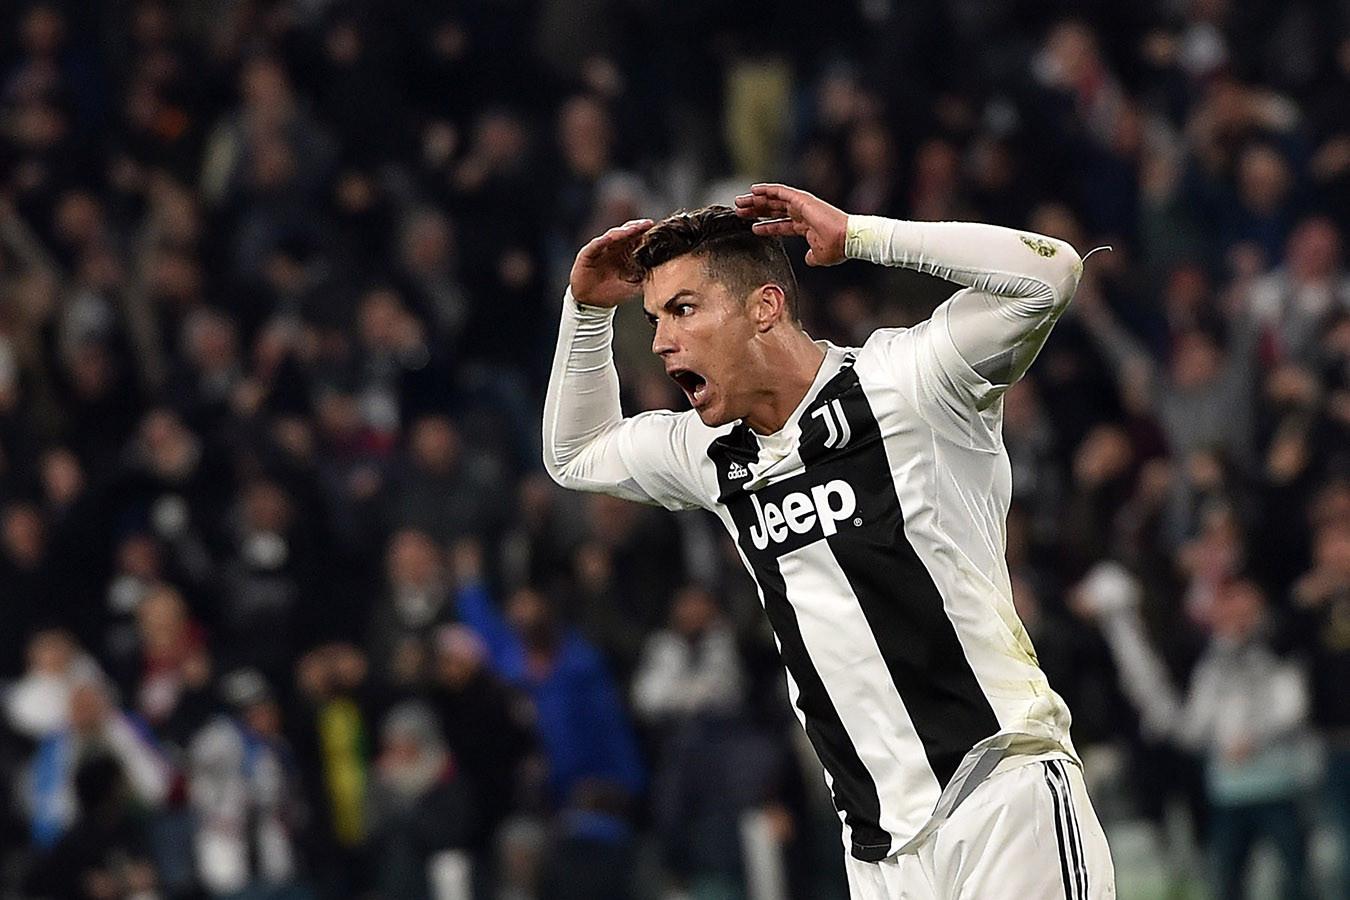 Криштиану Роналду повторил абсолютный мировой рекорд по количеству голов за карьеру